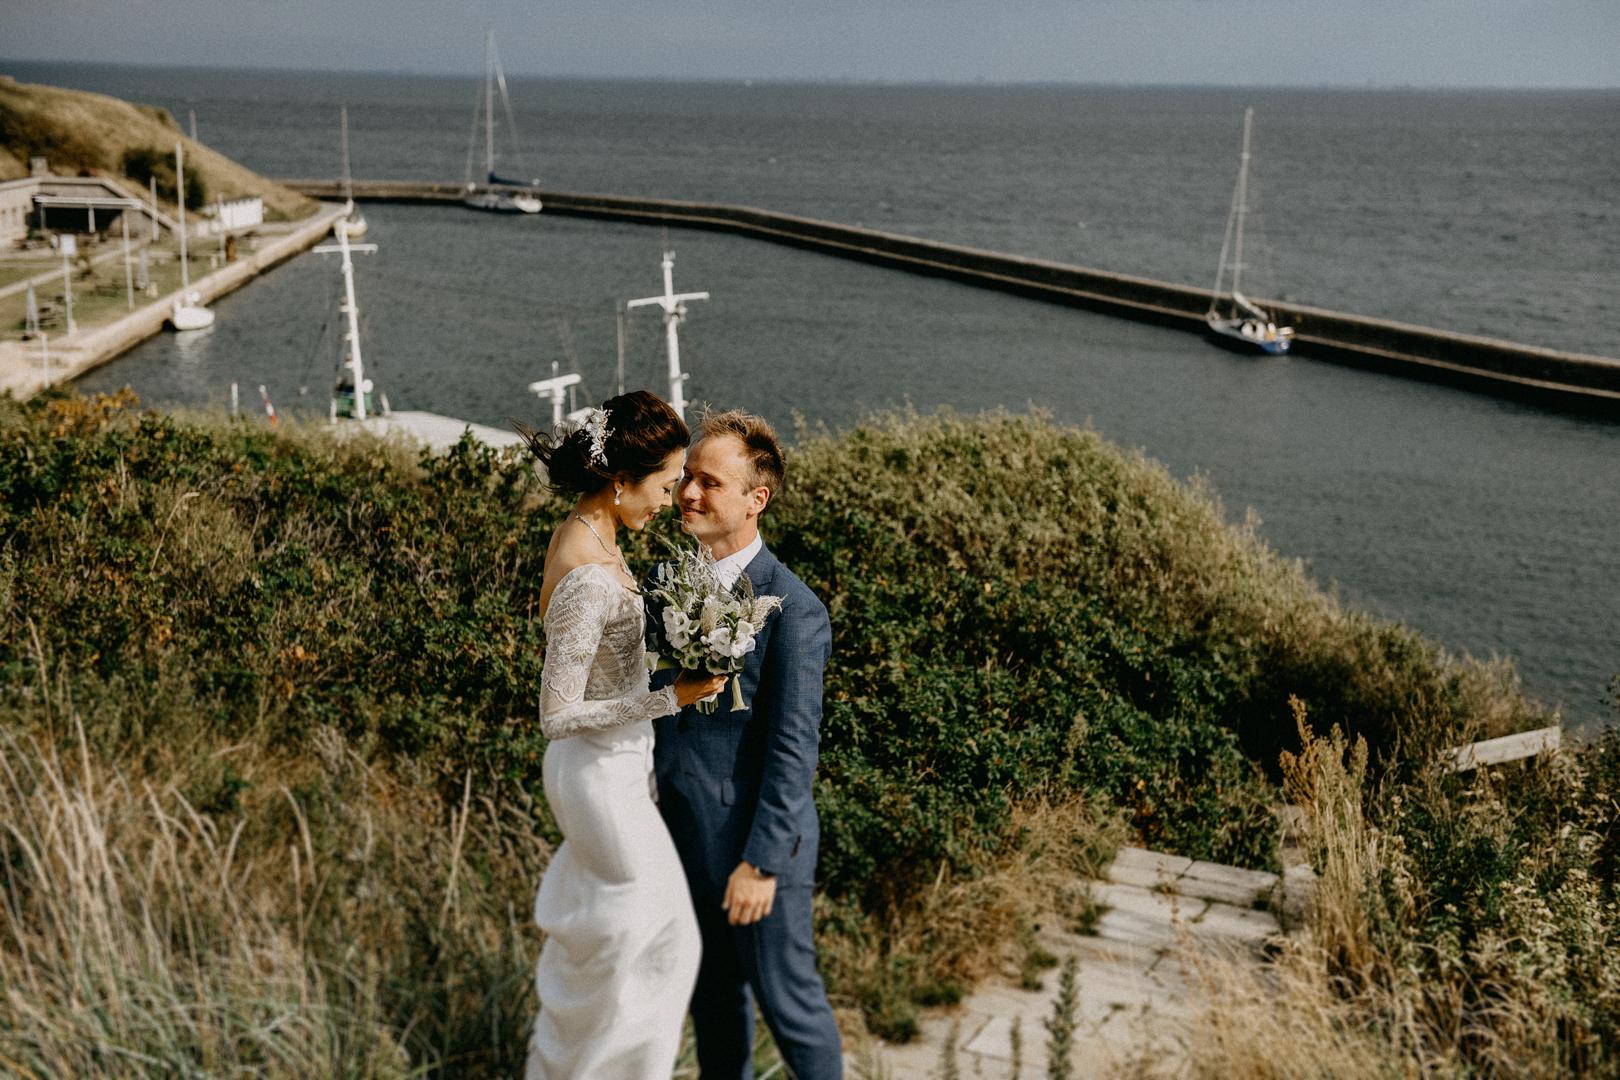 Wedding couple Flakforter Copenhagen